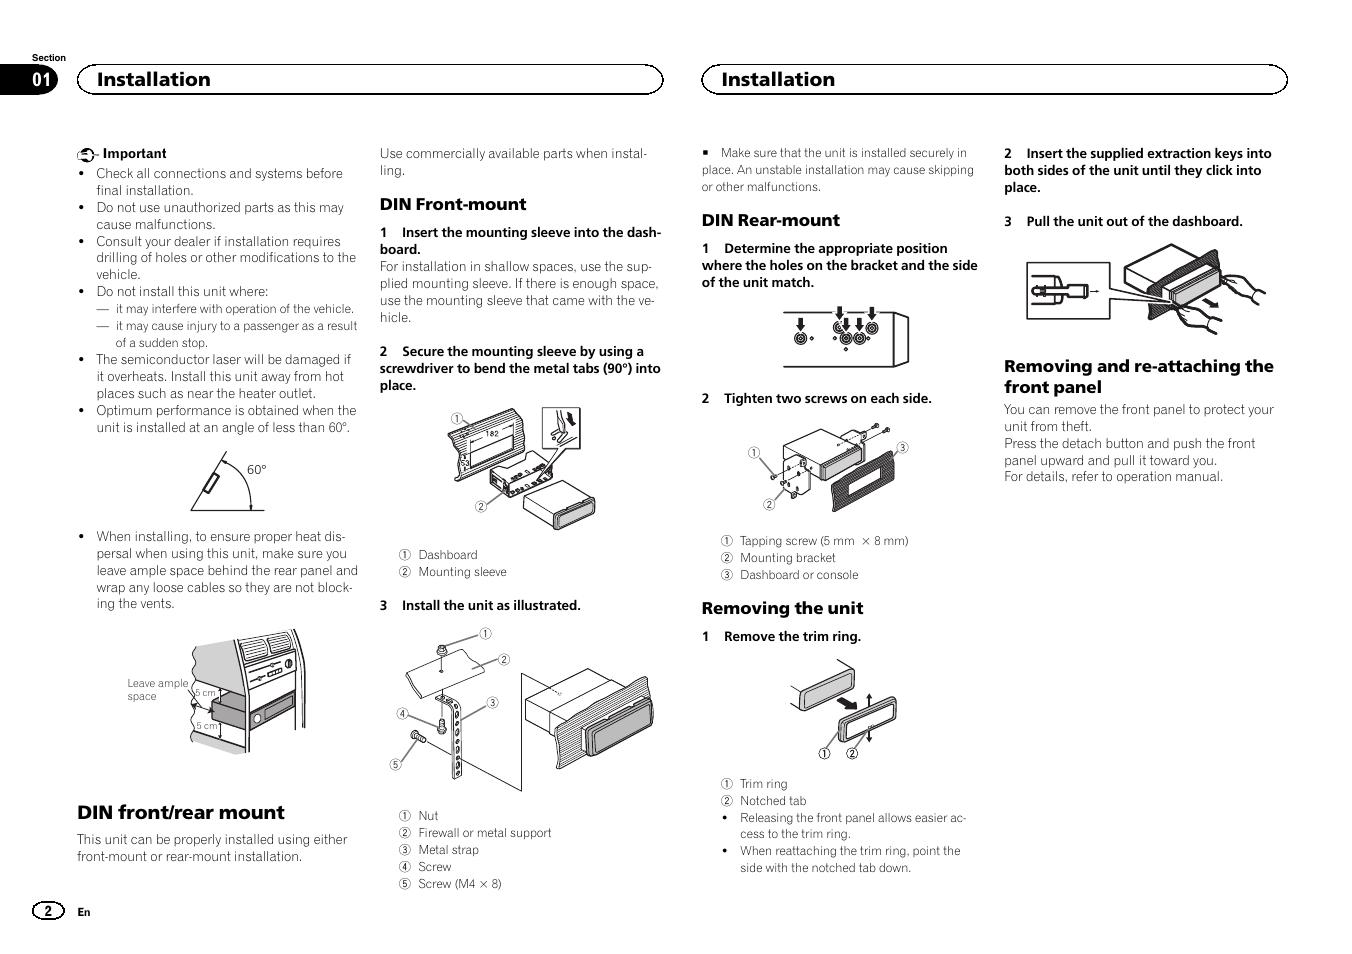 english din front rear mount installation pioneer deh 4400bt rh manualsdir com pioneer radio manual deh-4400bt pioneer deh 4400bt user manual